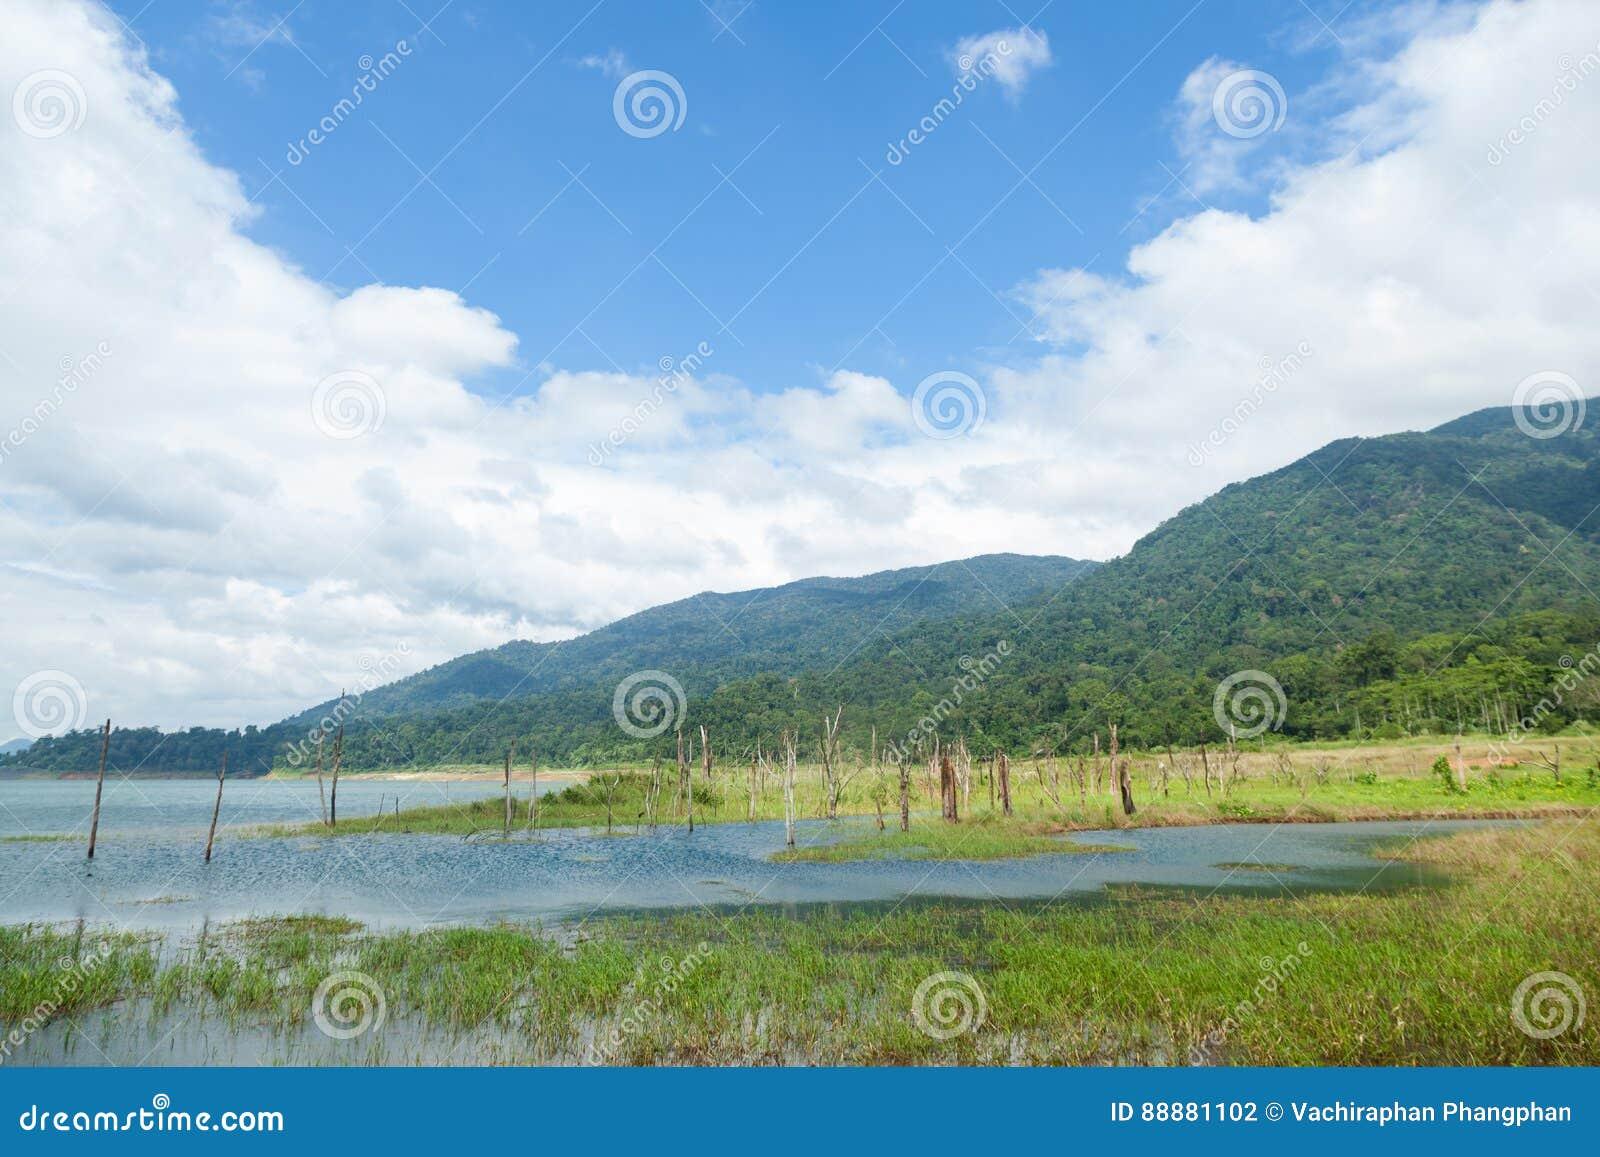 水库、谷和森林